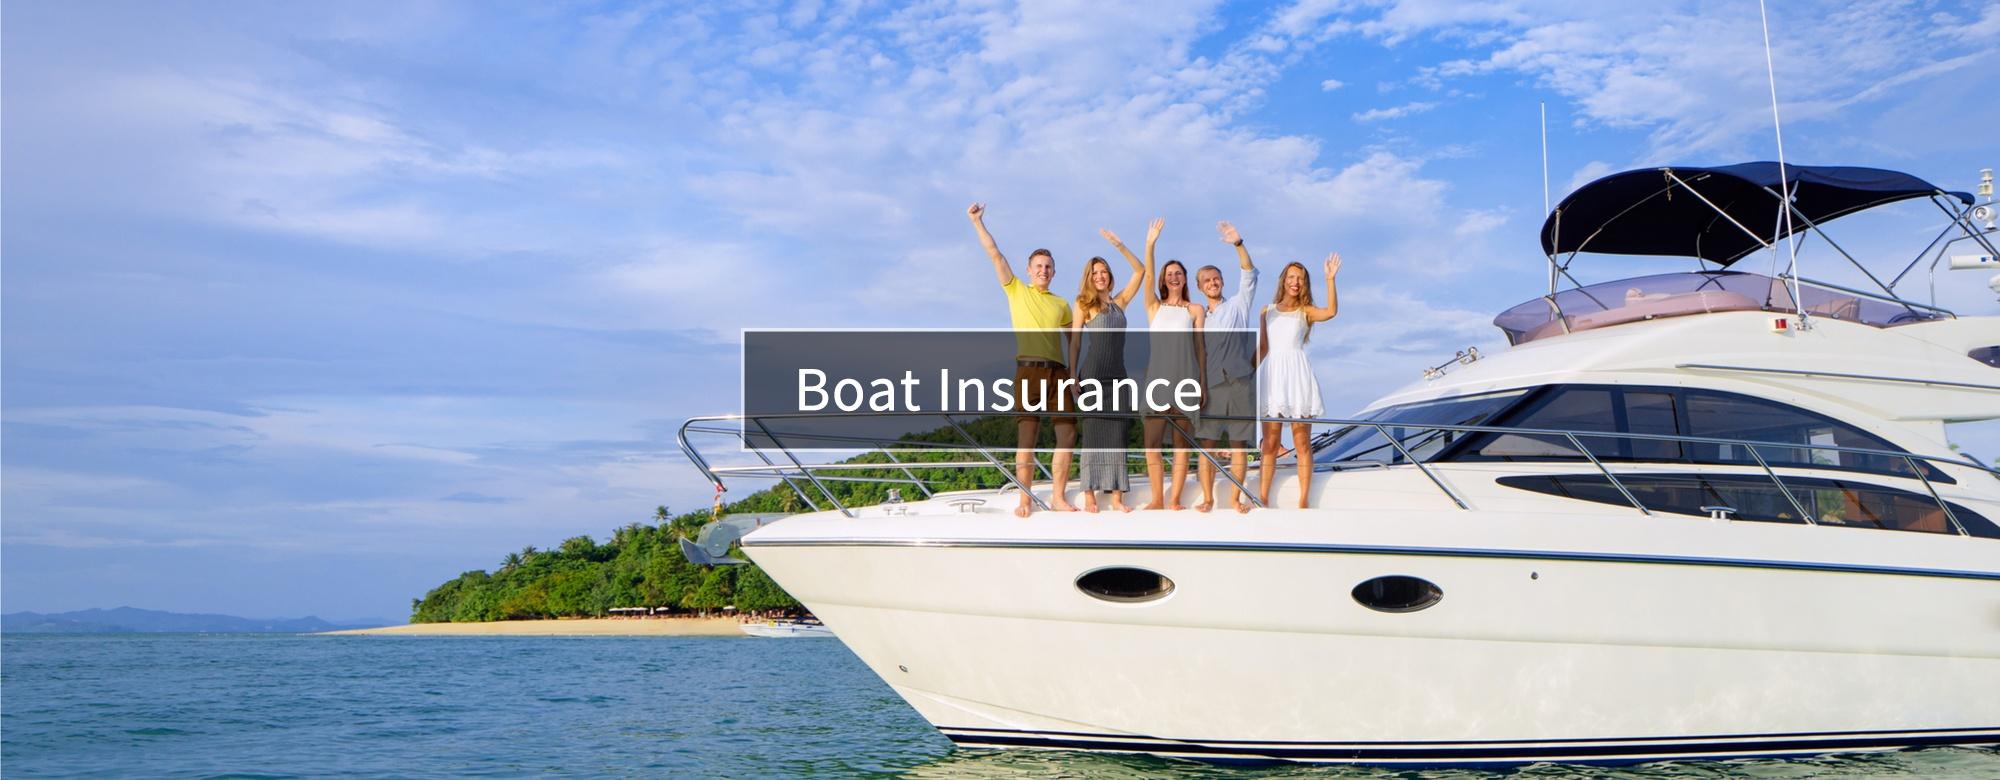 Boat Insurance in Massachusetts